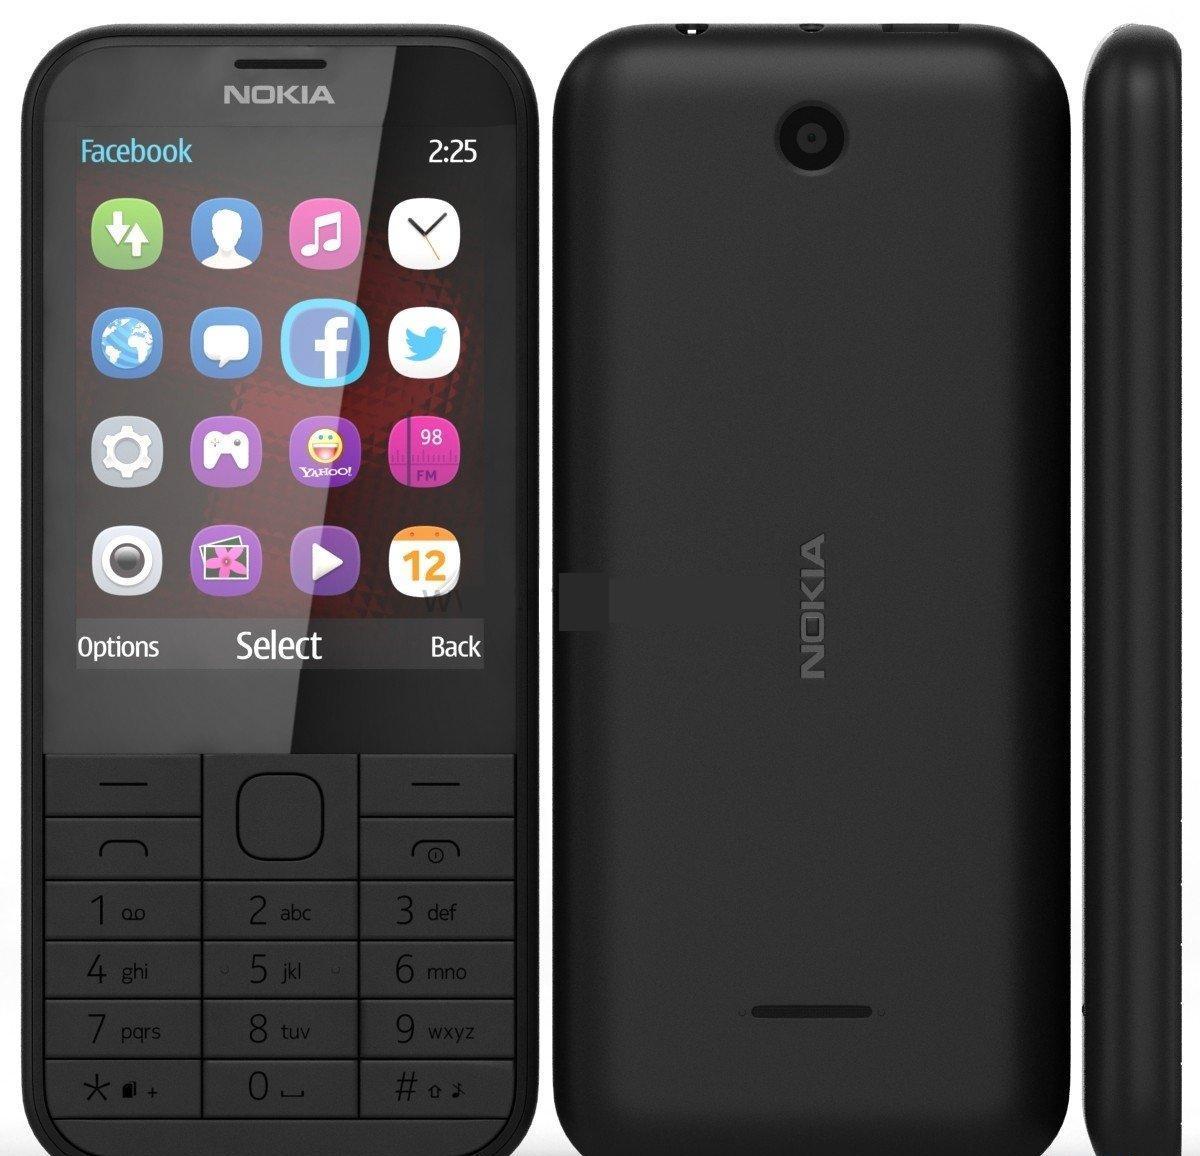 купить простой кнопочный мобильный телефон недорогой с емкой батареей нокиа два судебных приказа по одному кредиту